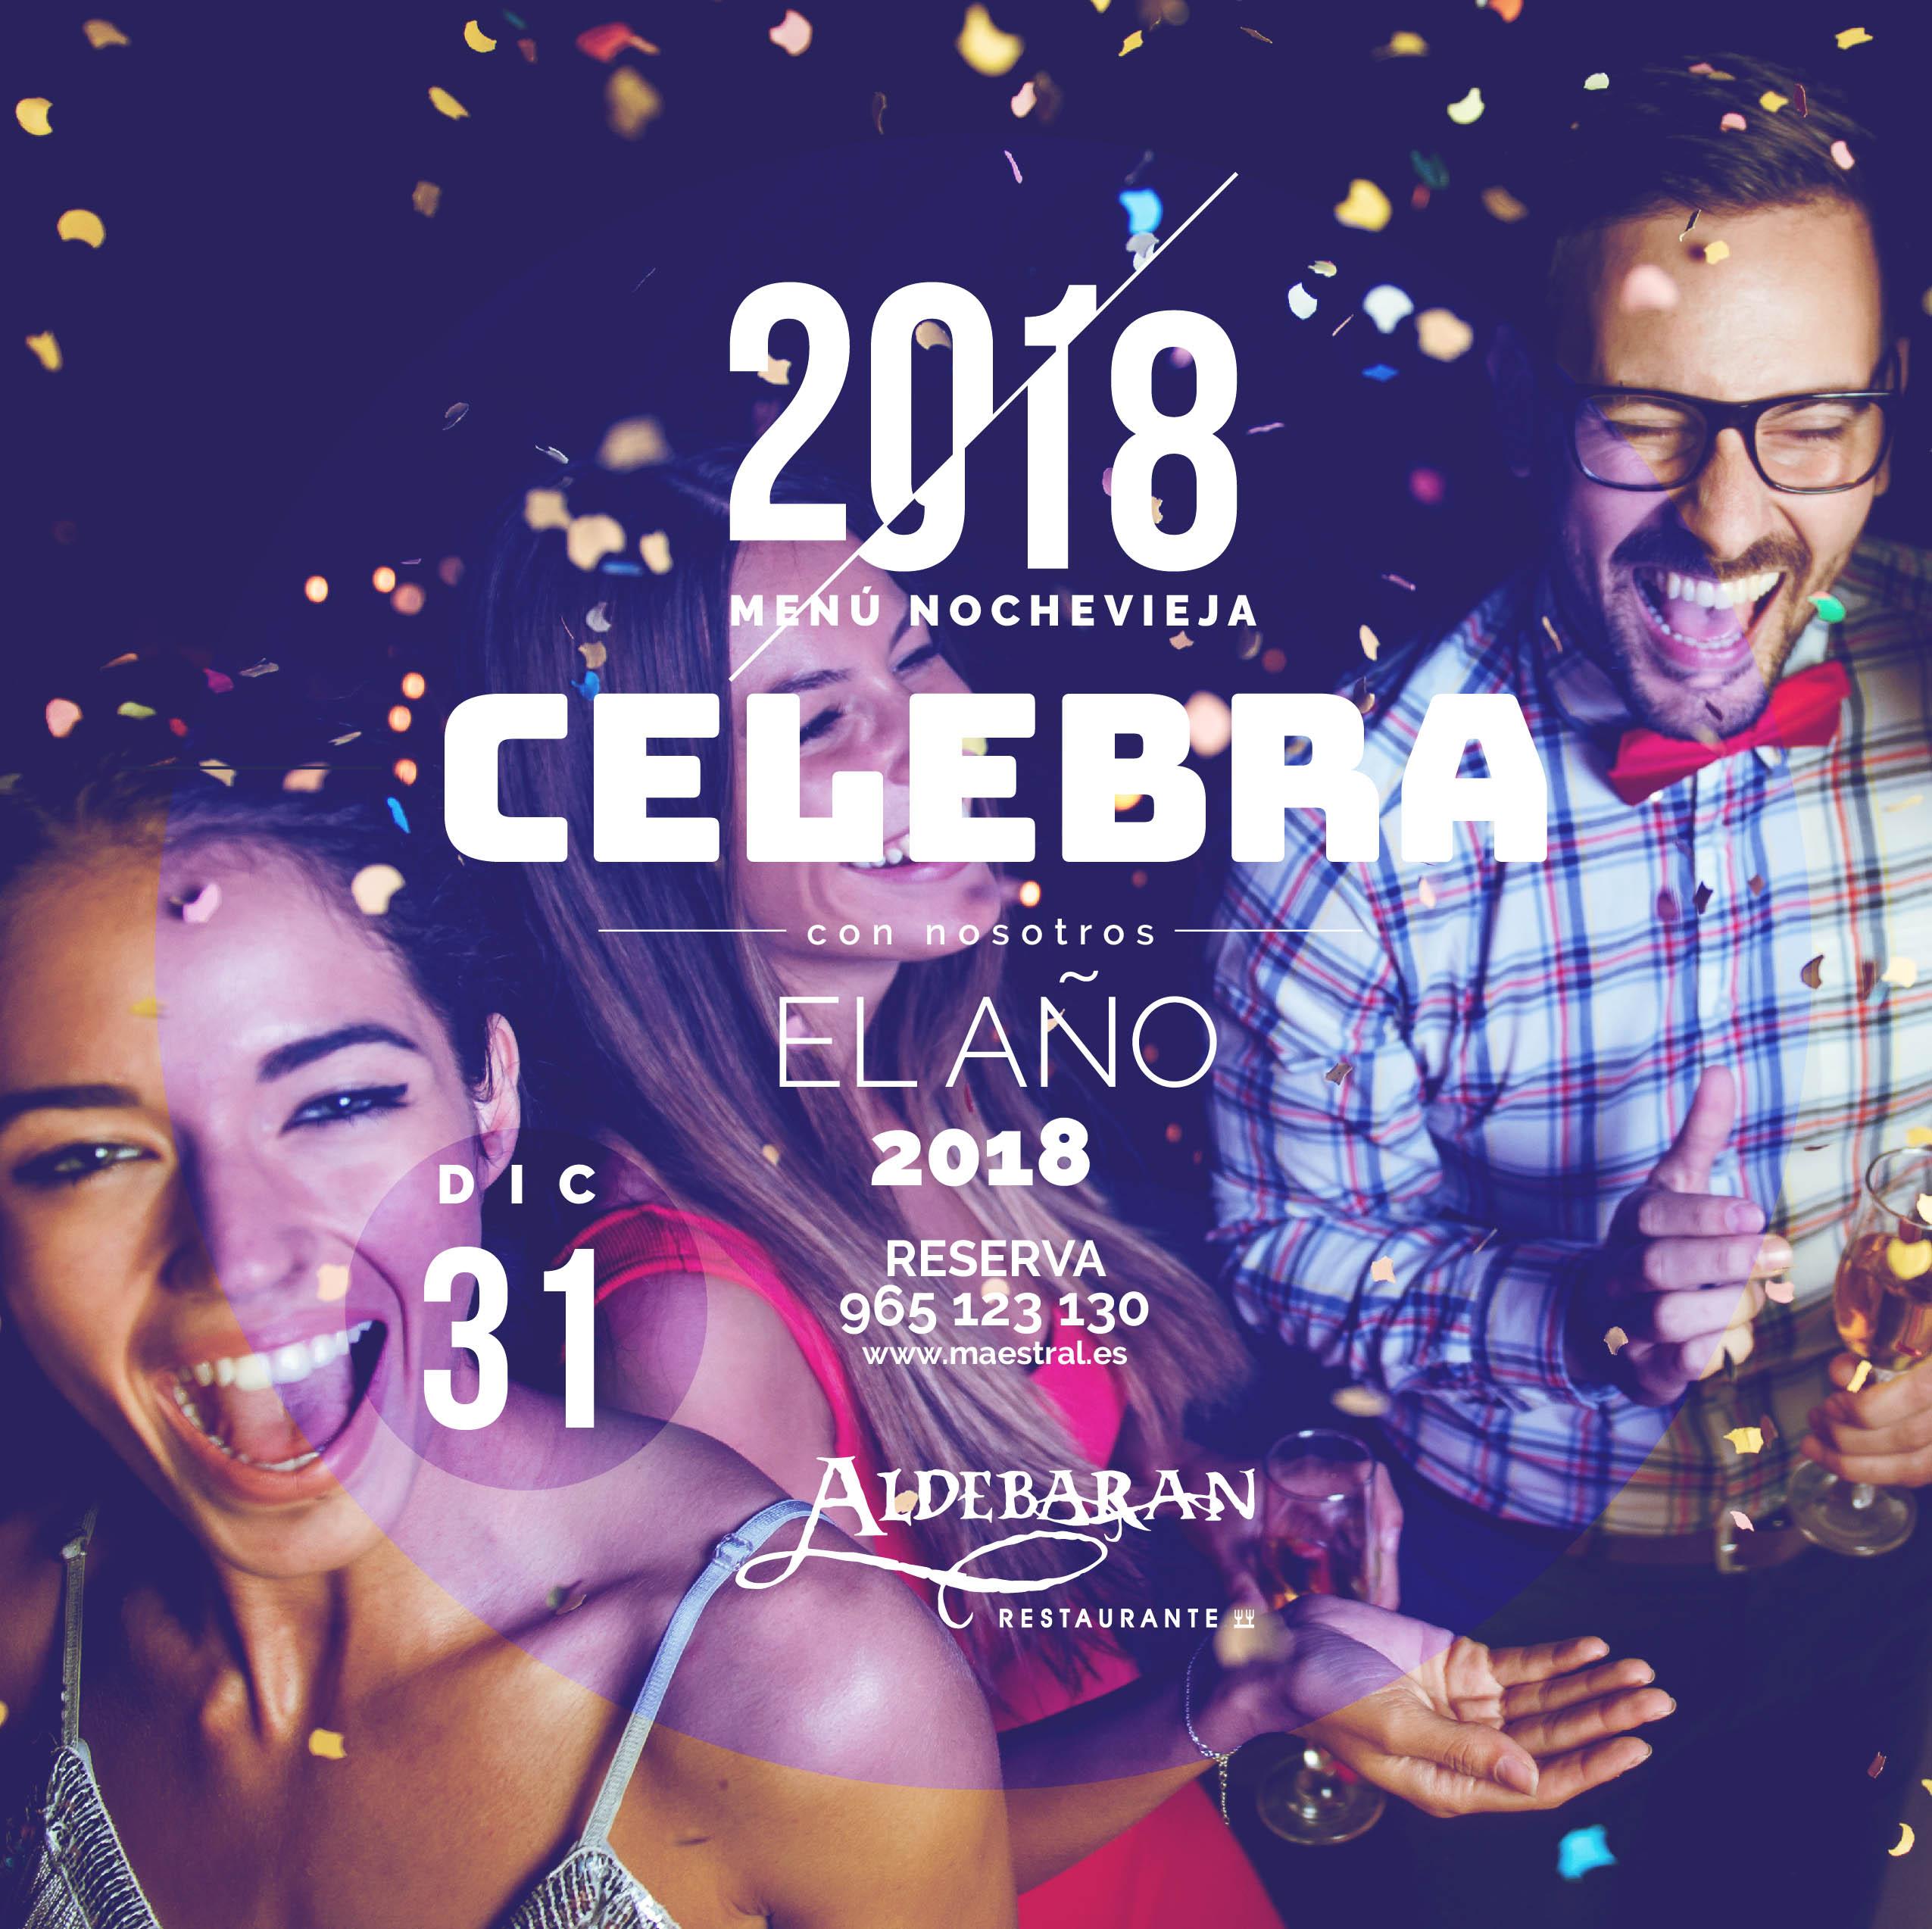 Menu Nochevieja 2017 Aldebarán Alicante